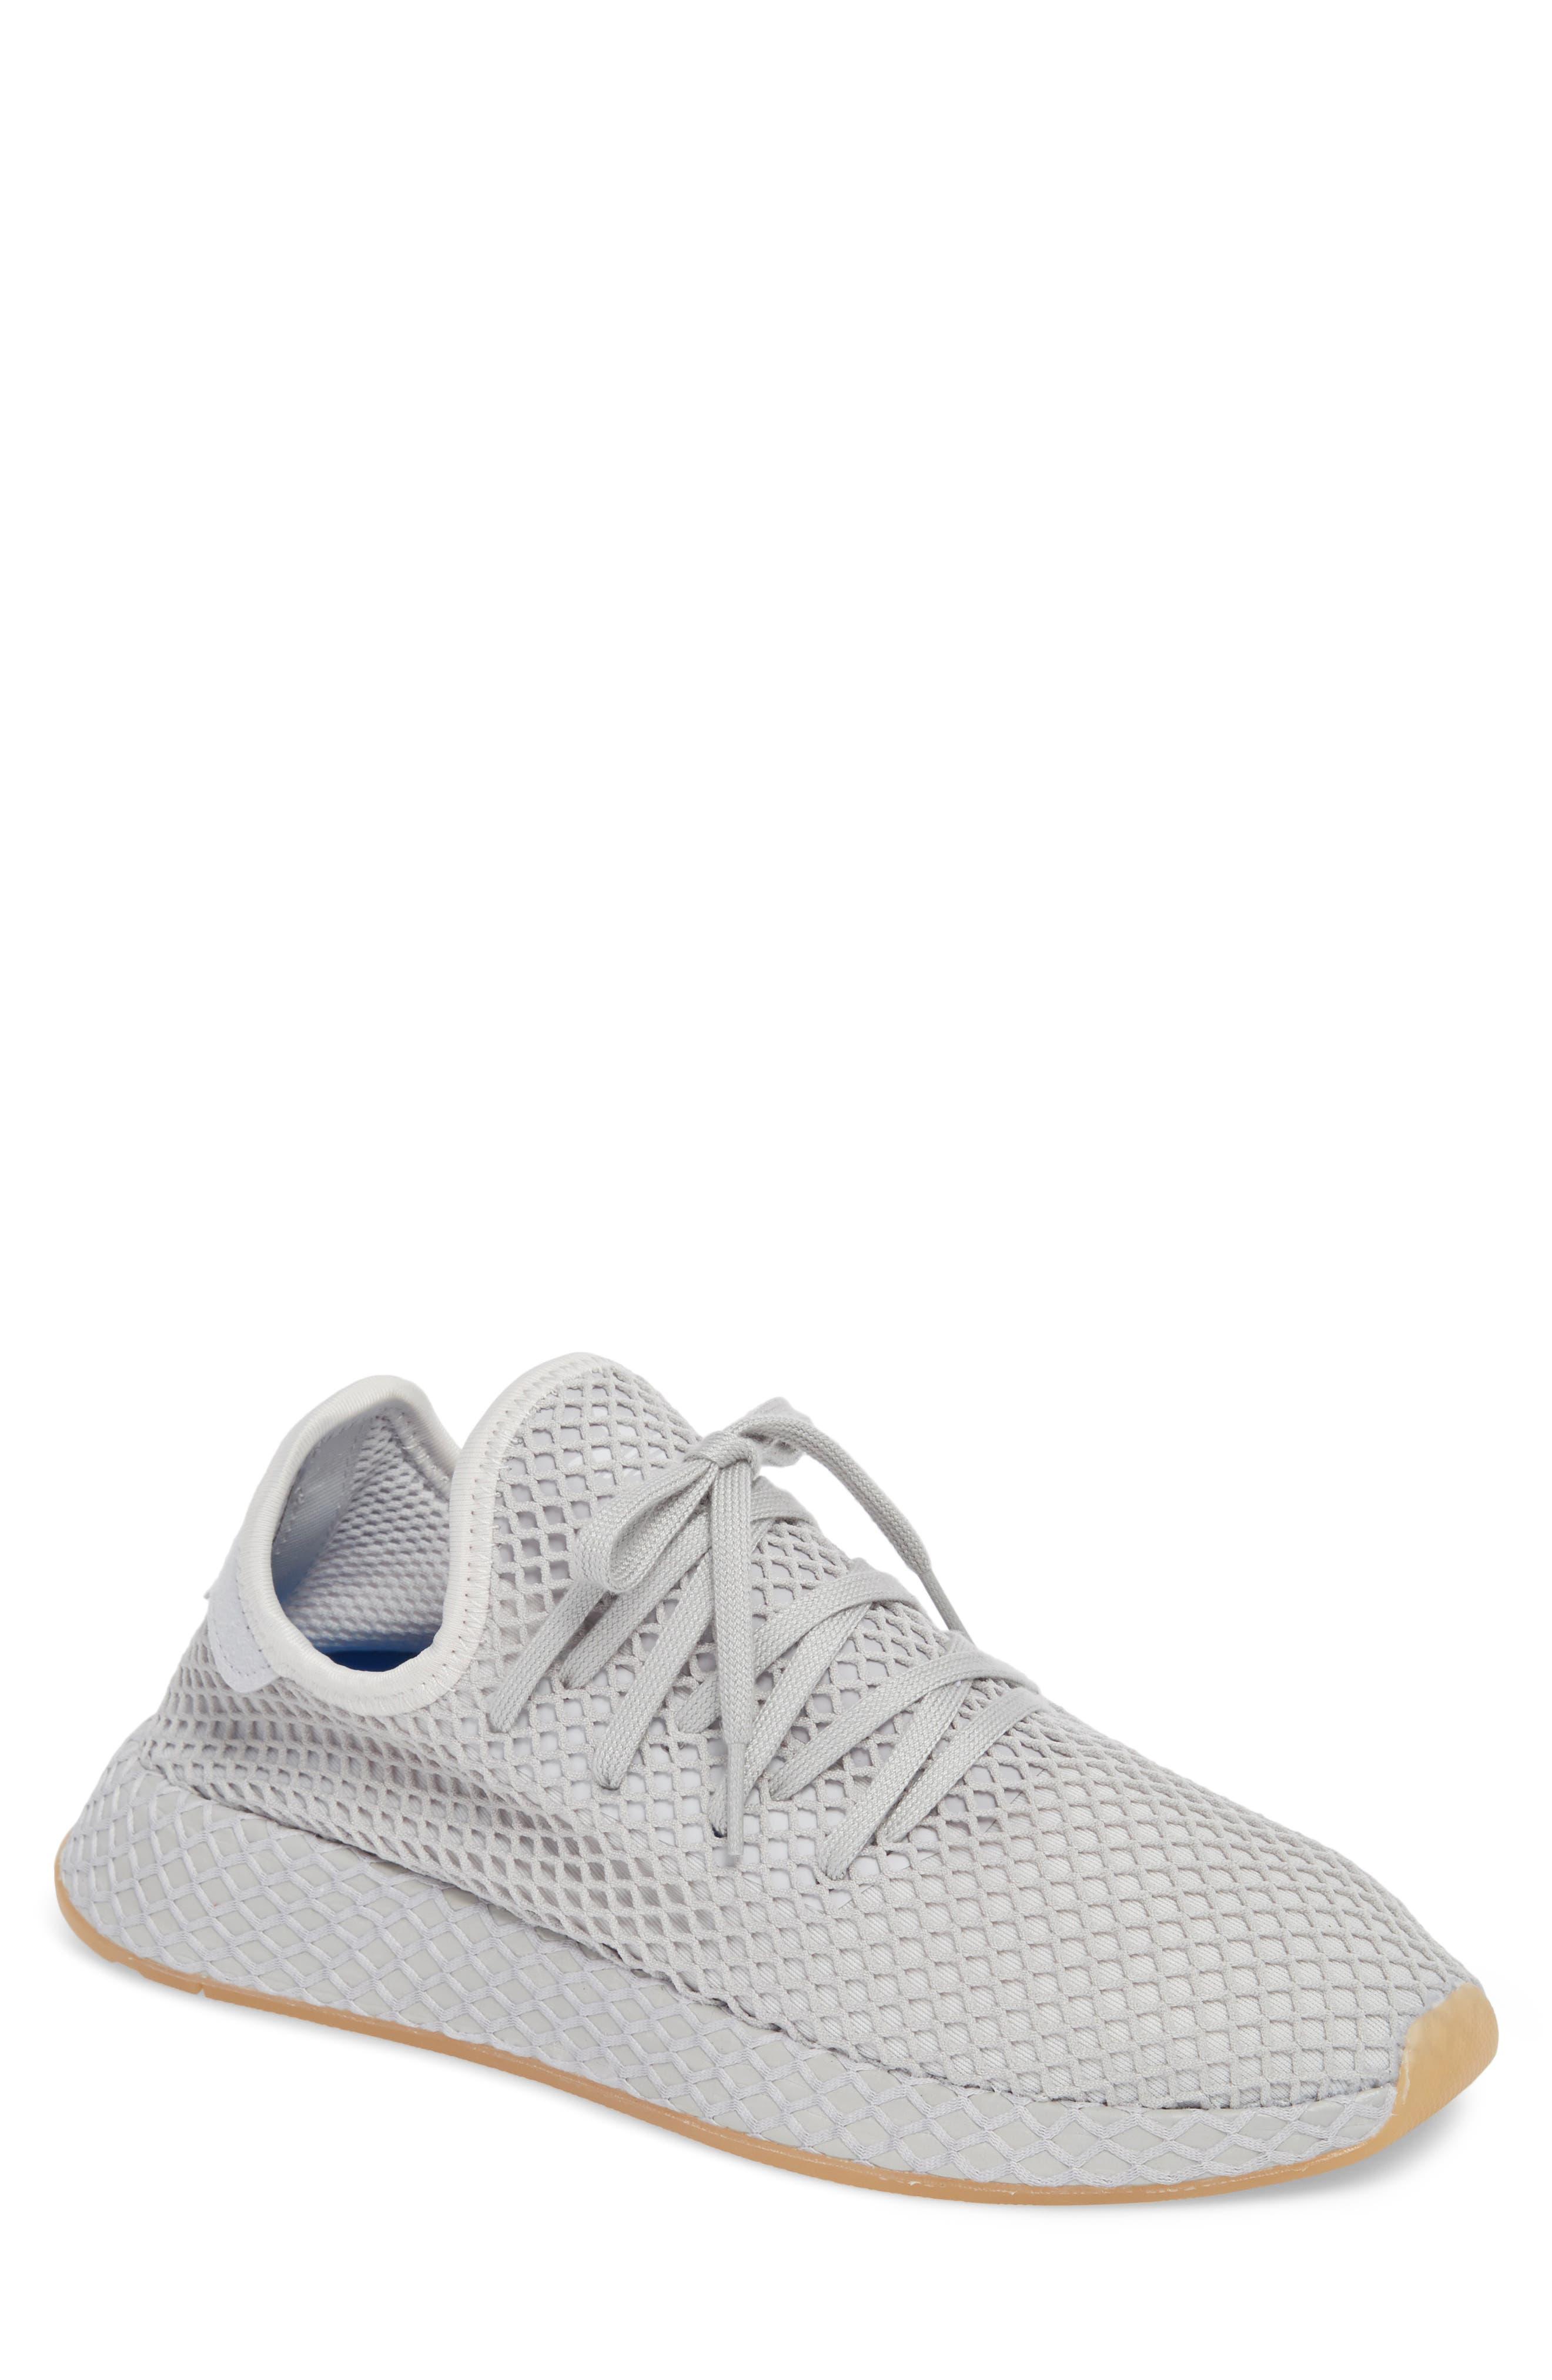 Deerupt Runner Sneaker,                             Main thumbnail 8, color,